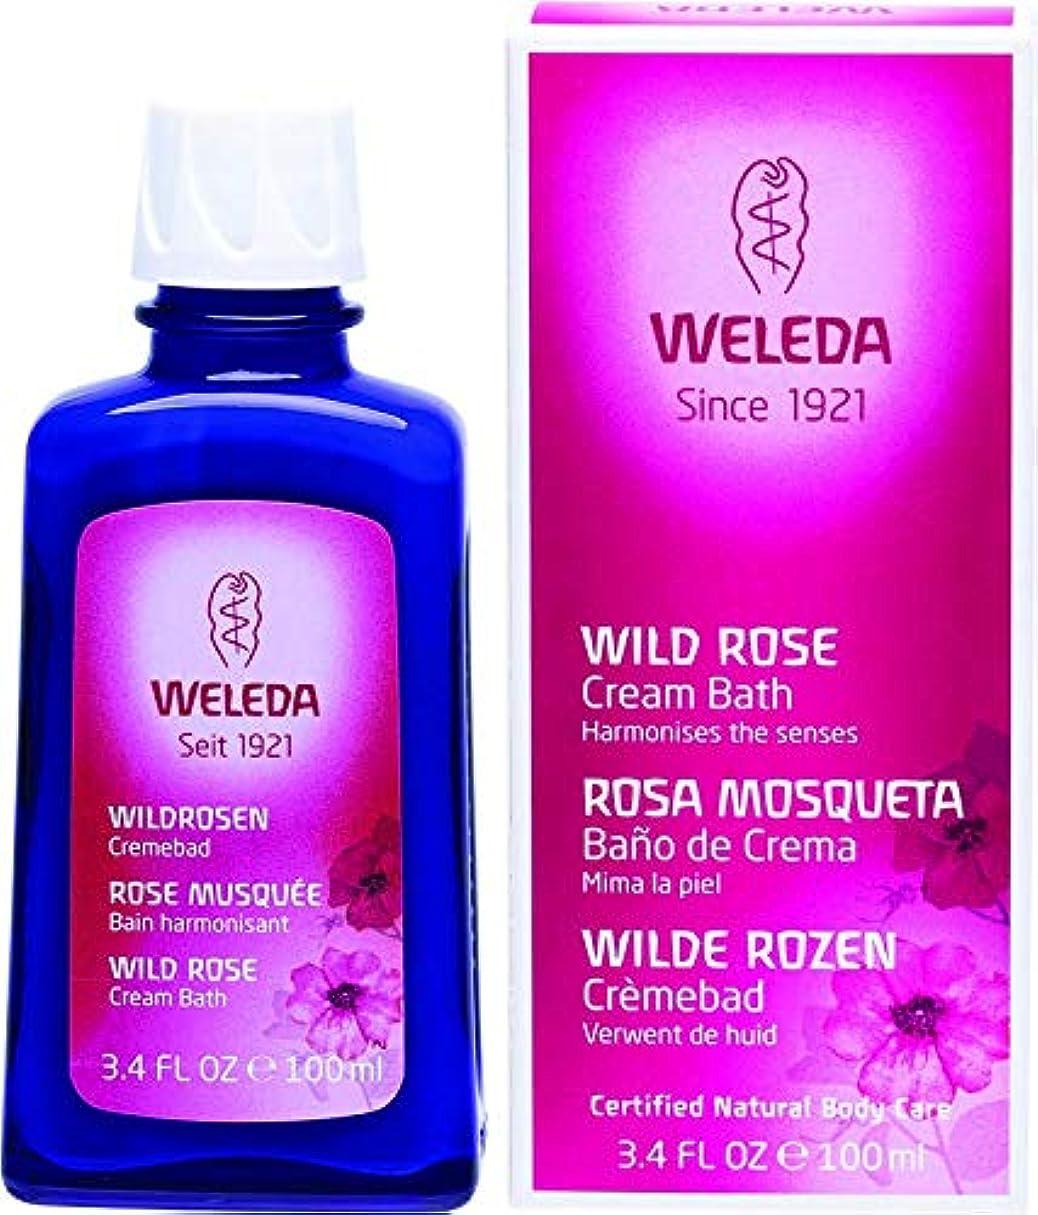 変更樹皮発見WELEDA(ヴェレダ) ワイルドローズ クリームバスミルク 100ml